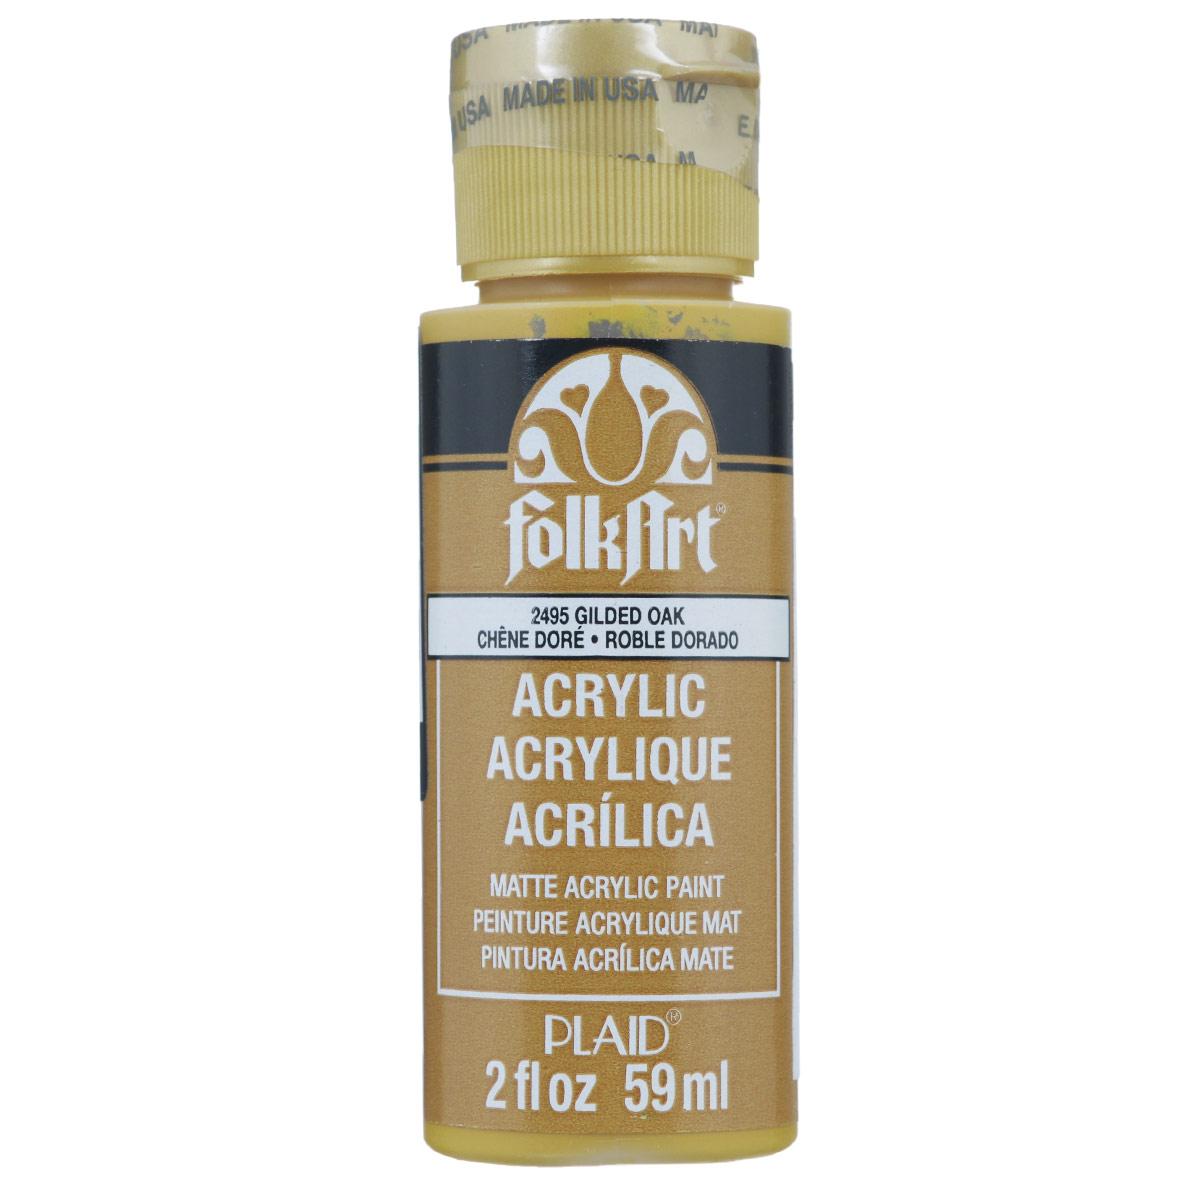 Акриловая краска FolkArt, цвет: золотой дуб, 59 млPLD-02495Акриловая краска FolkArt выполнена на водной основе и предназначена для рисования на пористых поверхностях. Краска устойчива к погодным и ультрафиолетовым воздействиям. Не нуждается в дополнительном покрытии герметиком. После высыхания имеет глянцевый вид. Изделия покрытые краской FolkArt, прекрасно дополнят ваш интерьер. Объем: 59 мл.